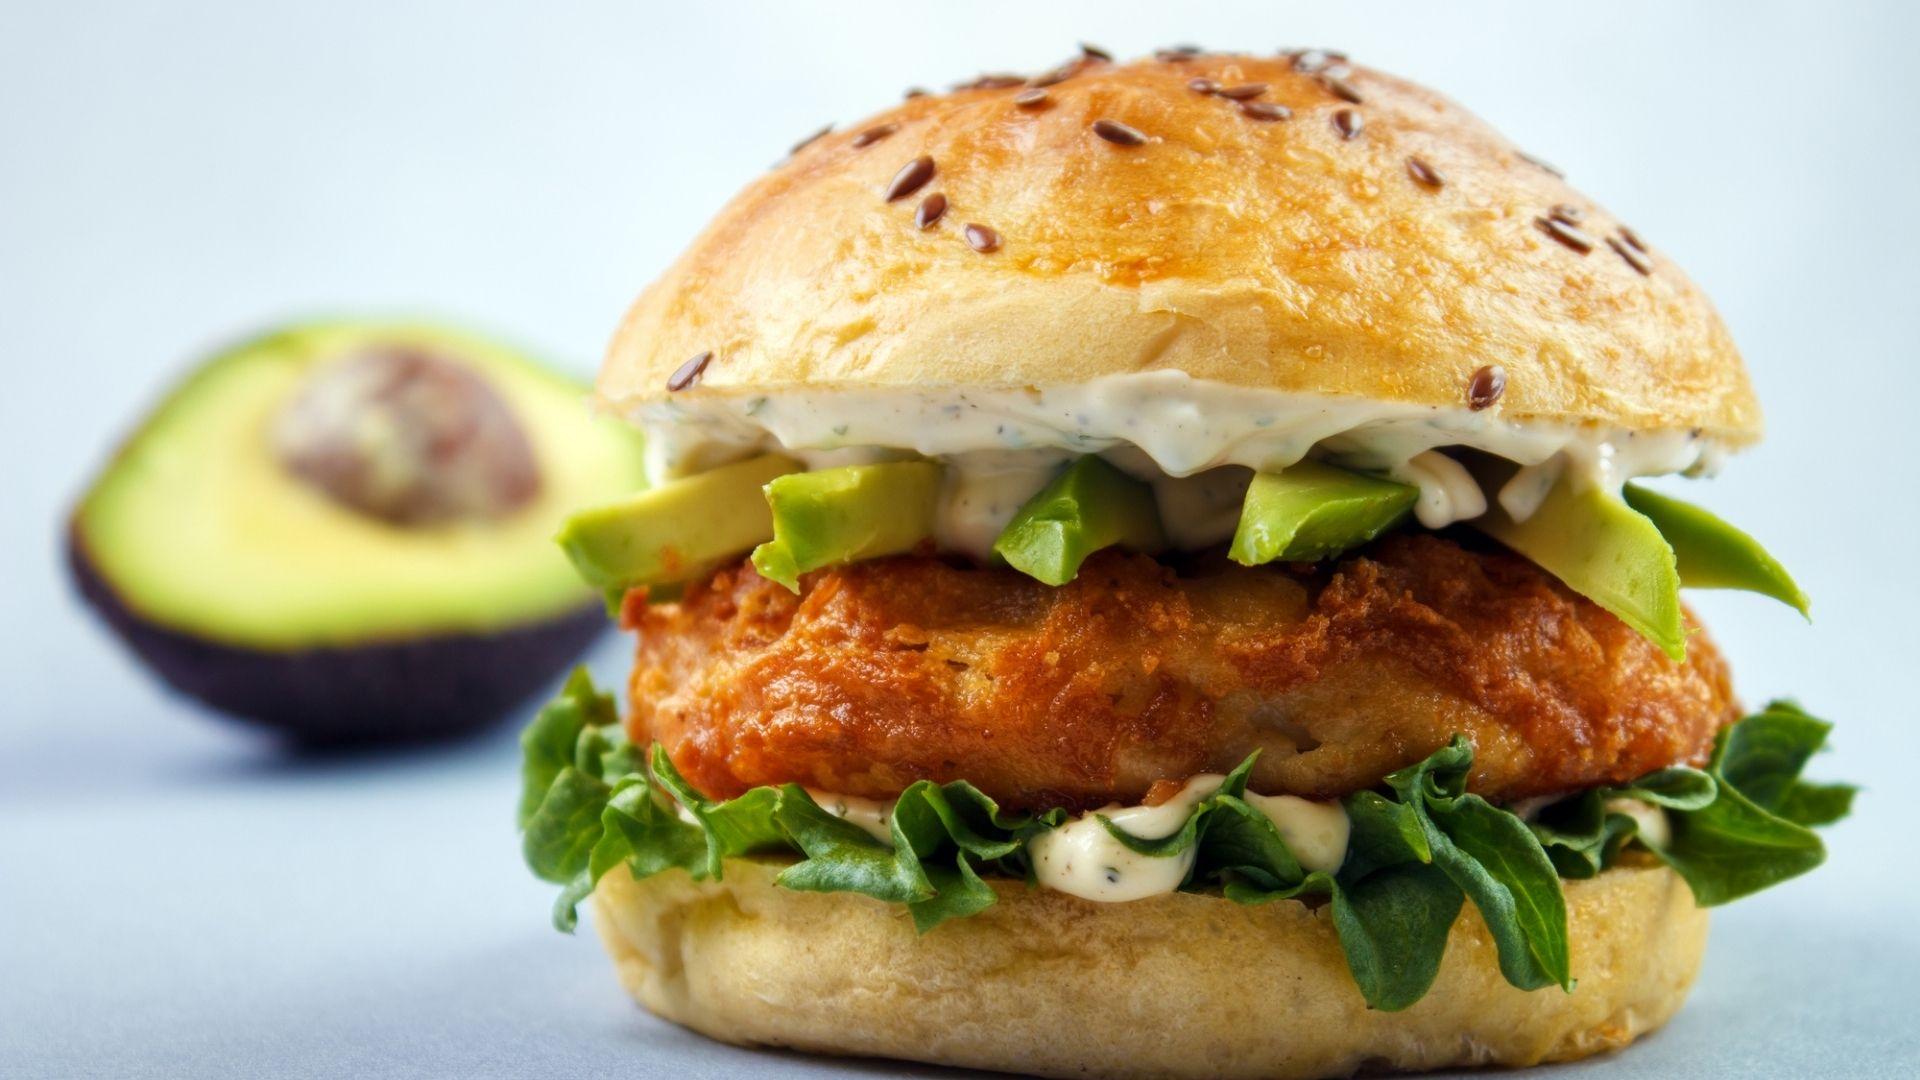 Shrimp Avocado Burger